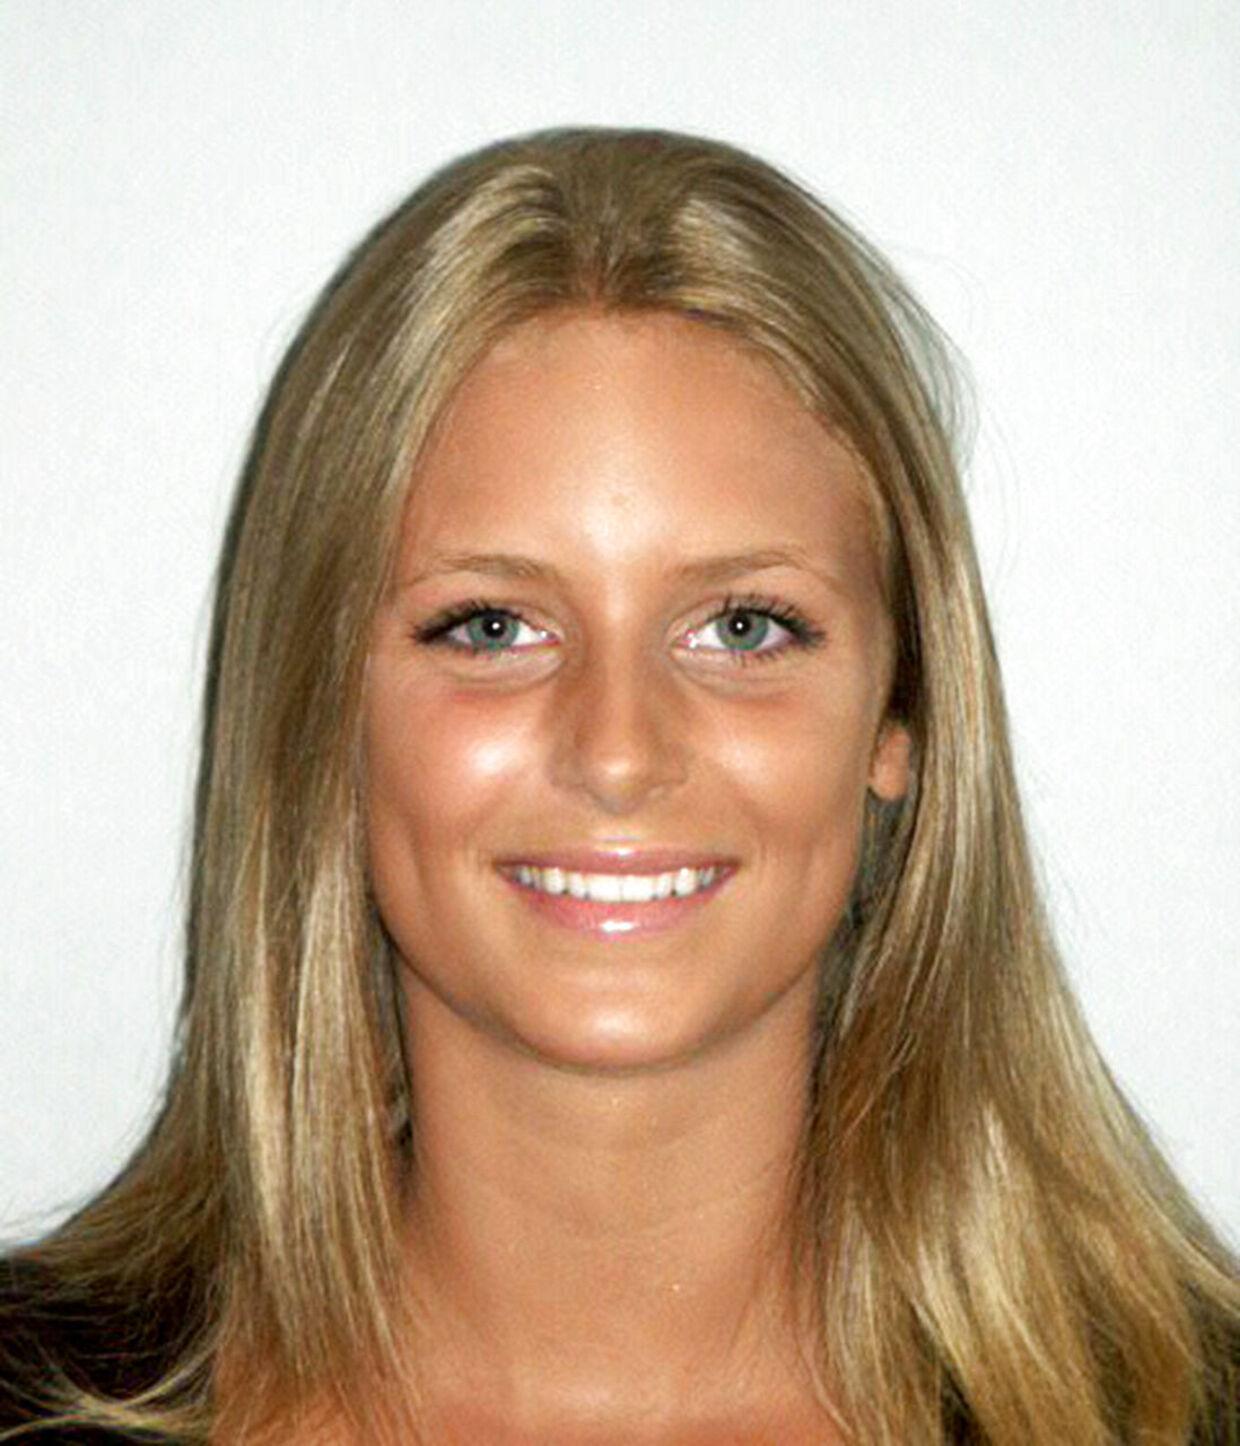 Familiefoto af den dræbte Cecilie Kajus Næblerød, Hasseris Gymnasium. BILLEDET ER DOWNLOADED FRA HASSERIS GYMNASIUMS HJEMMESIDE OG MÅ IKKE ARKIVERES. (Foto: NF/Scanpix 2006)